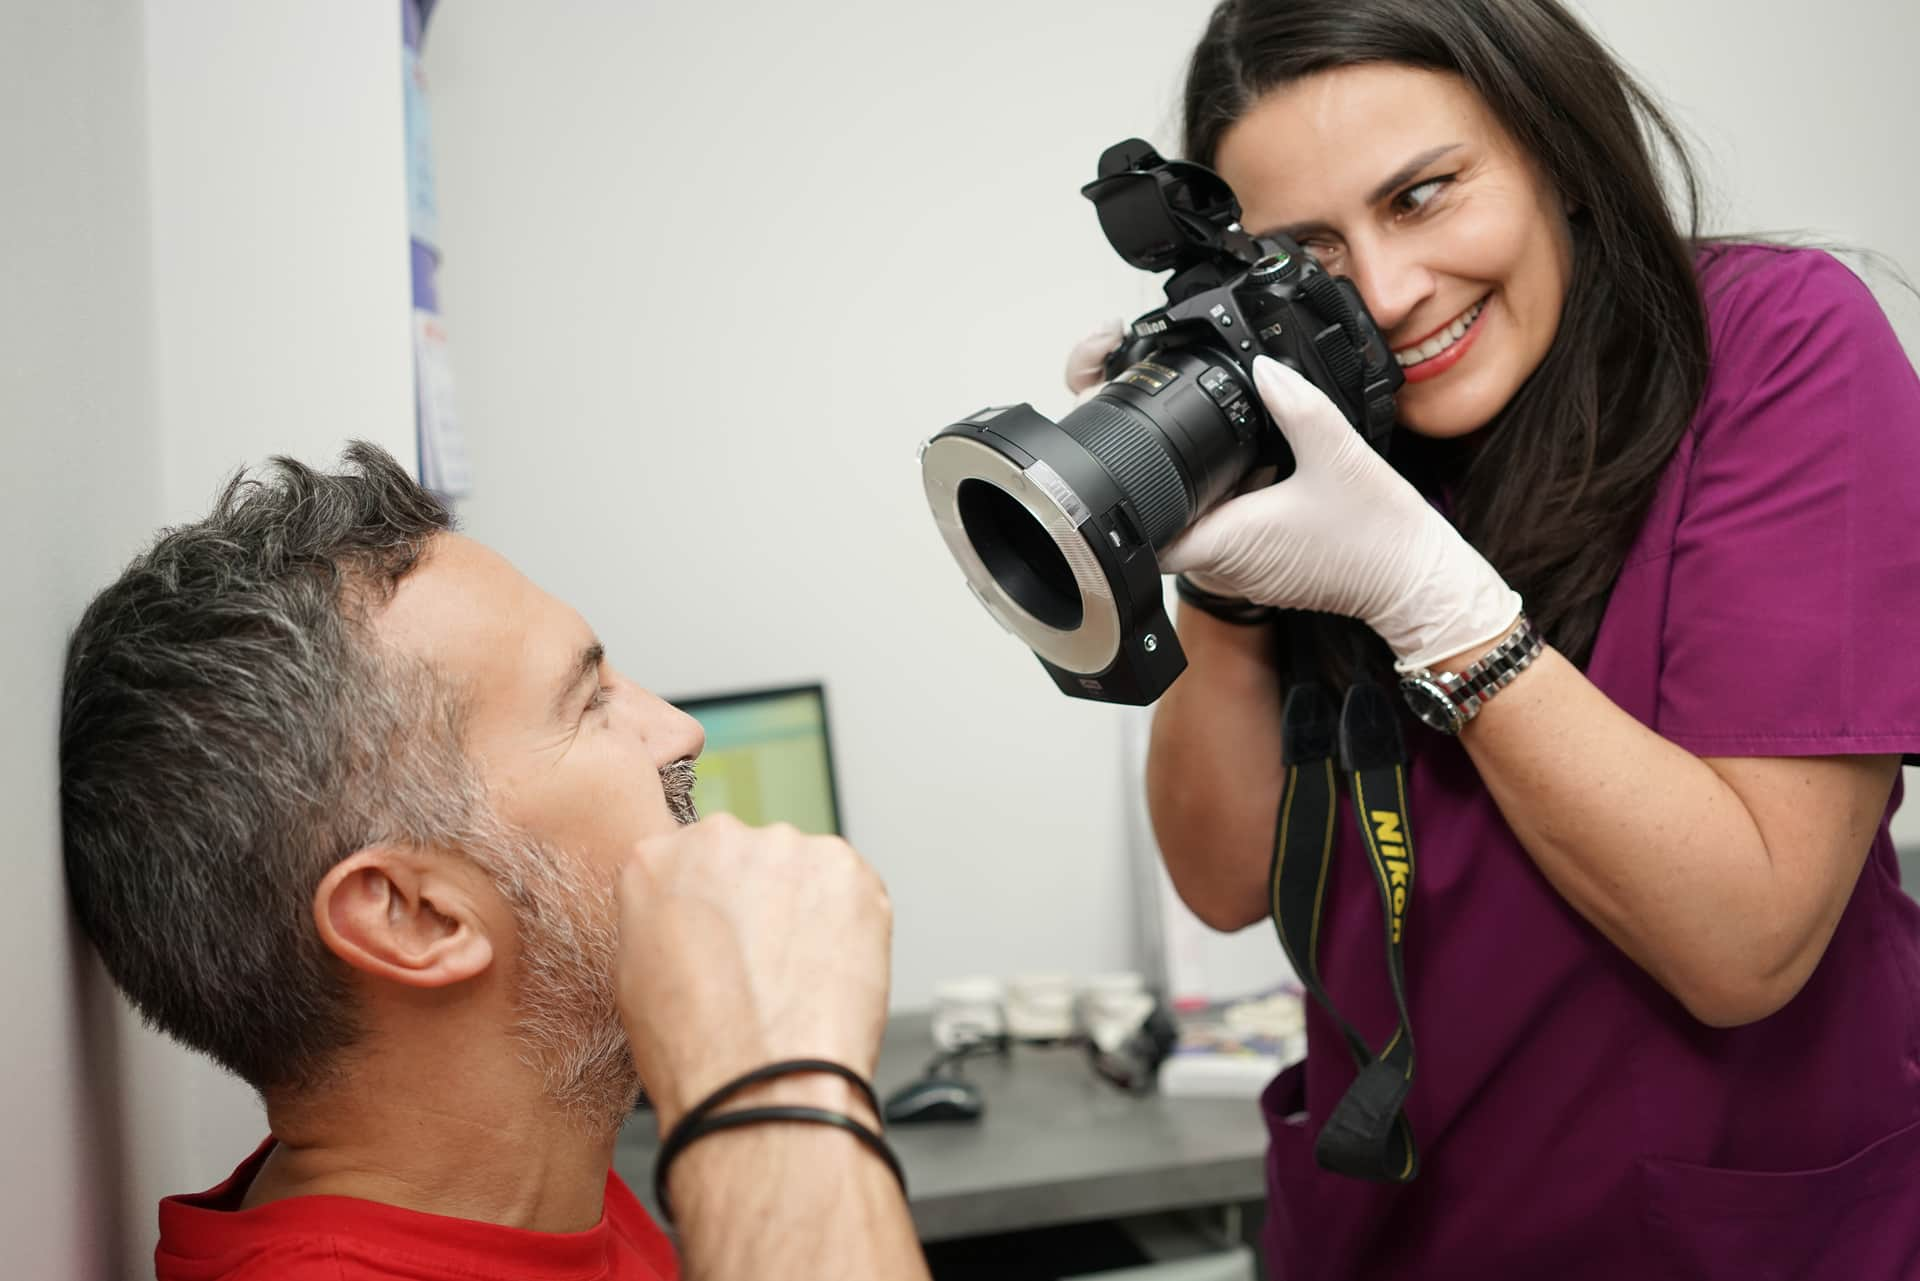 Starte zęby Konsultacja dentysta Dentico gotdsc02006 5